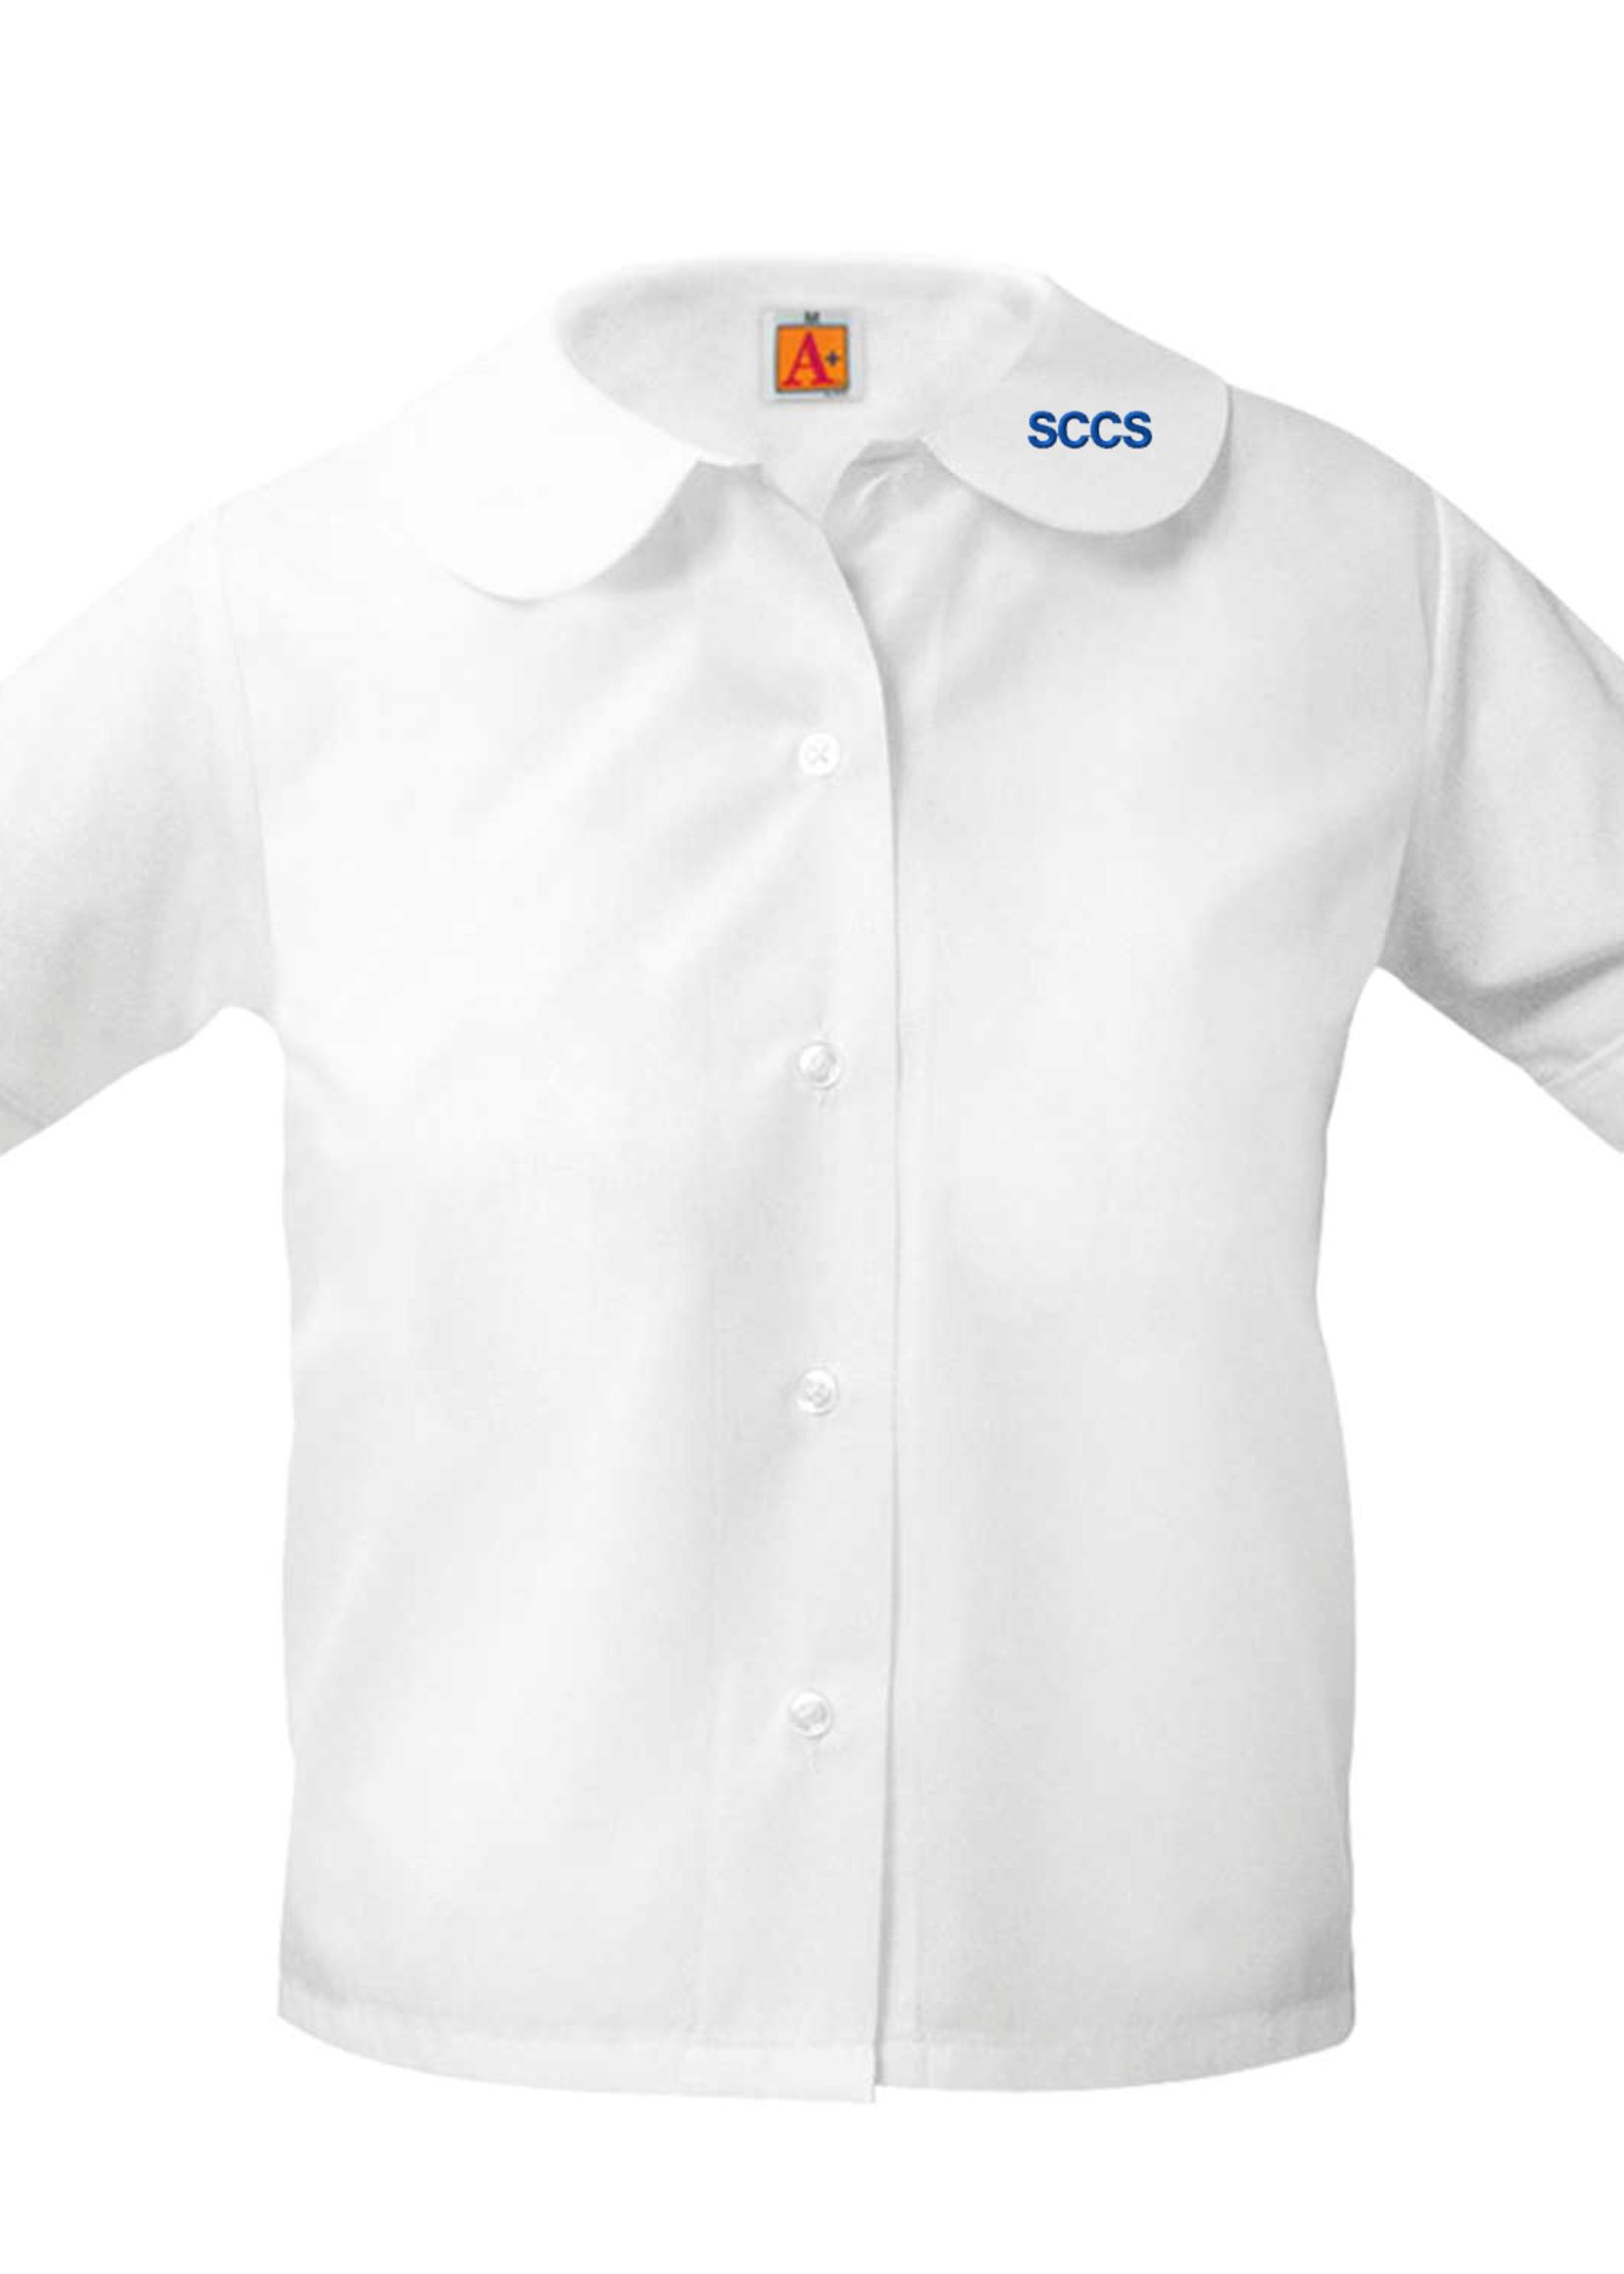 TUS SCCS White Short Sleeve Peter Pan Blouse w/o pocket